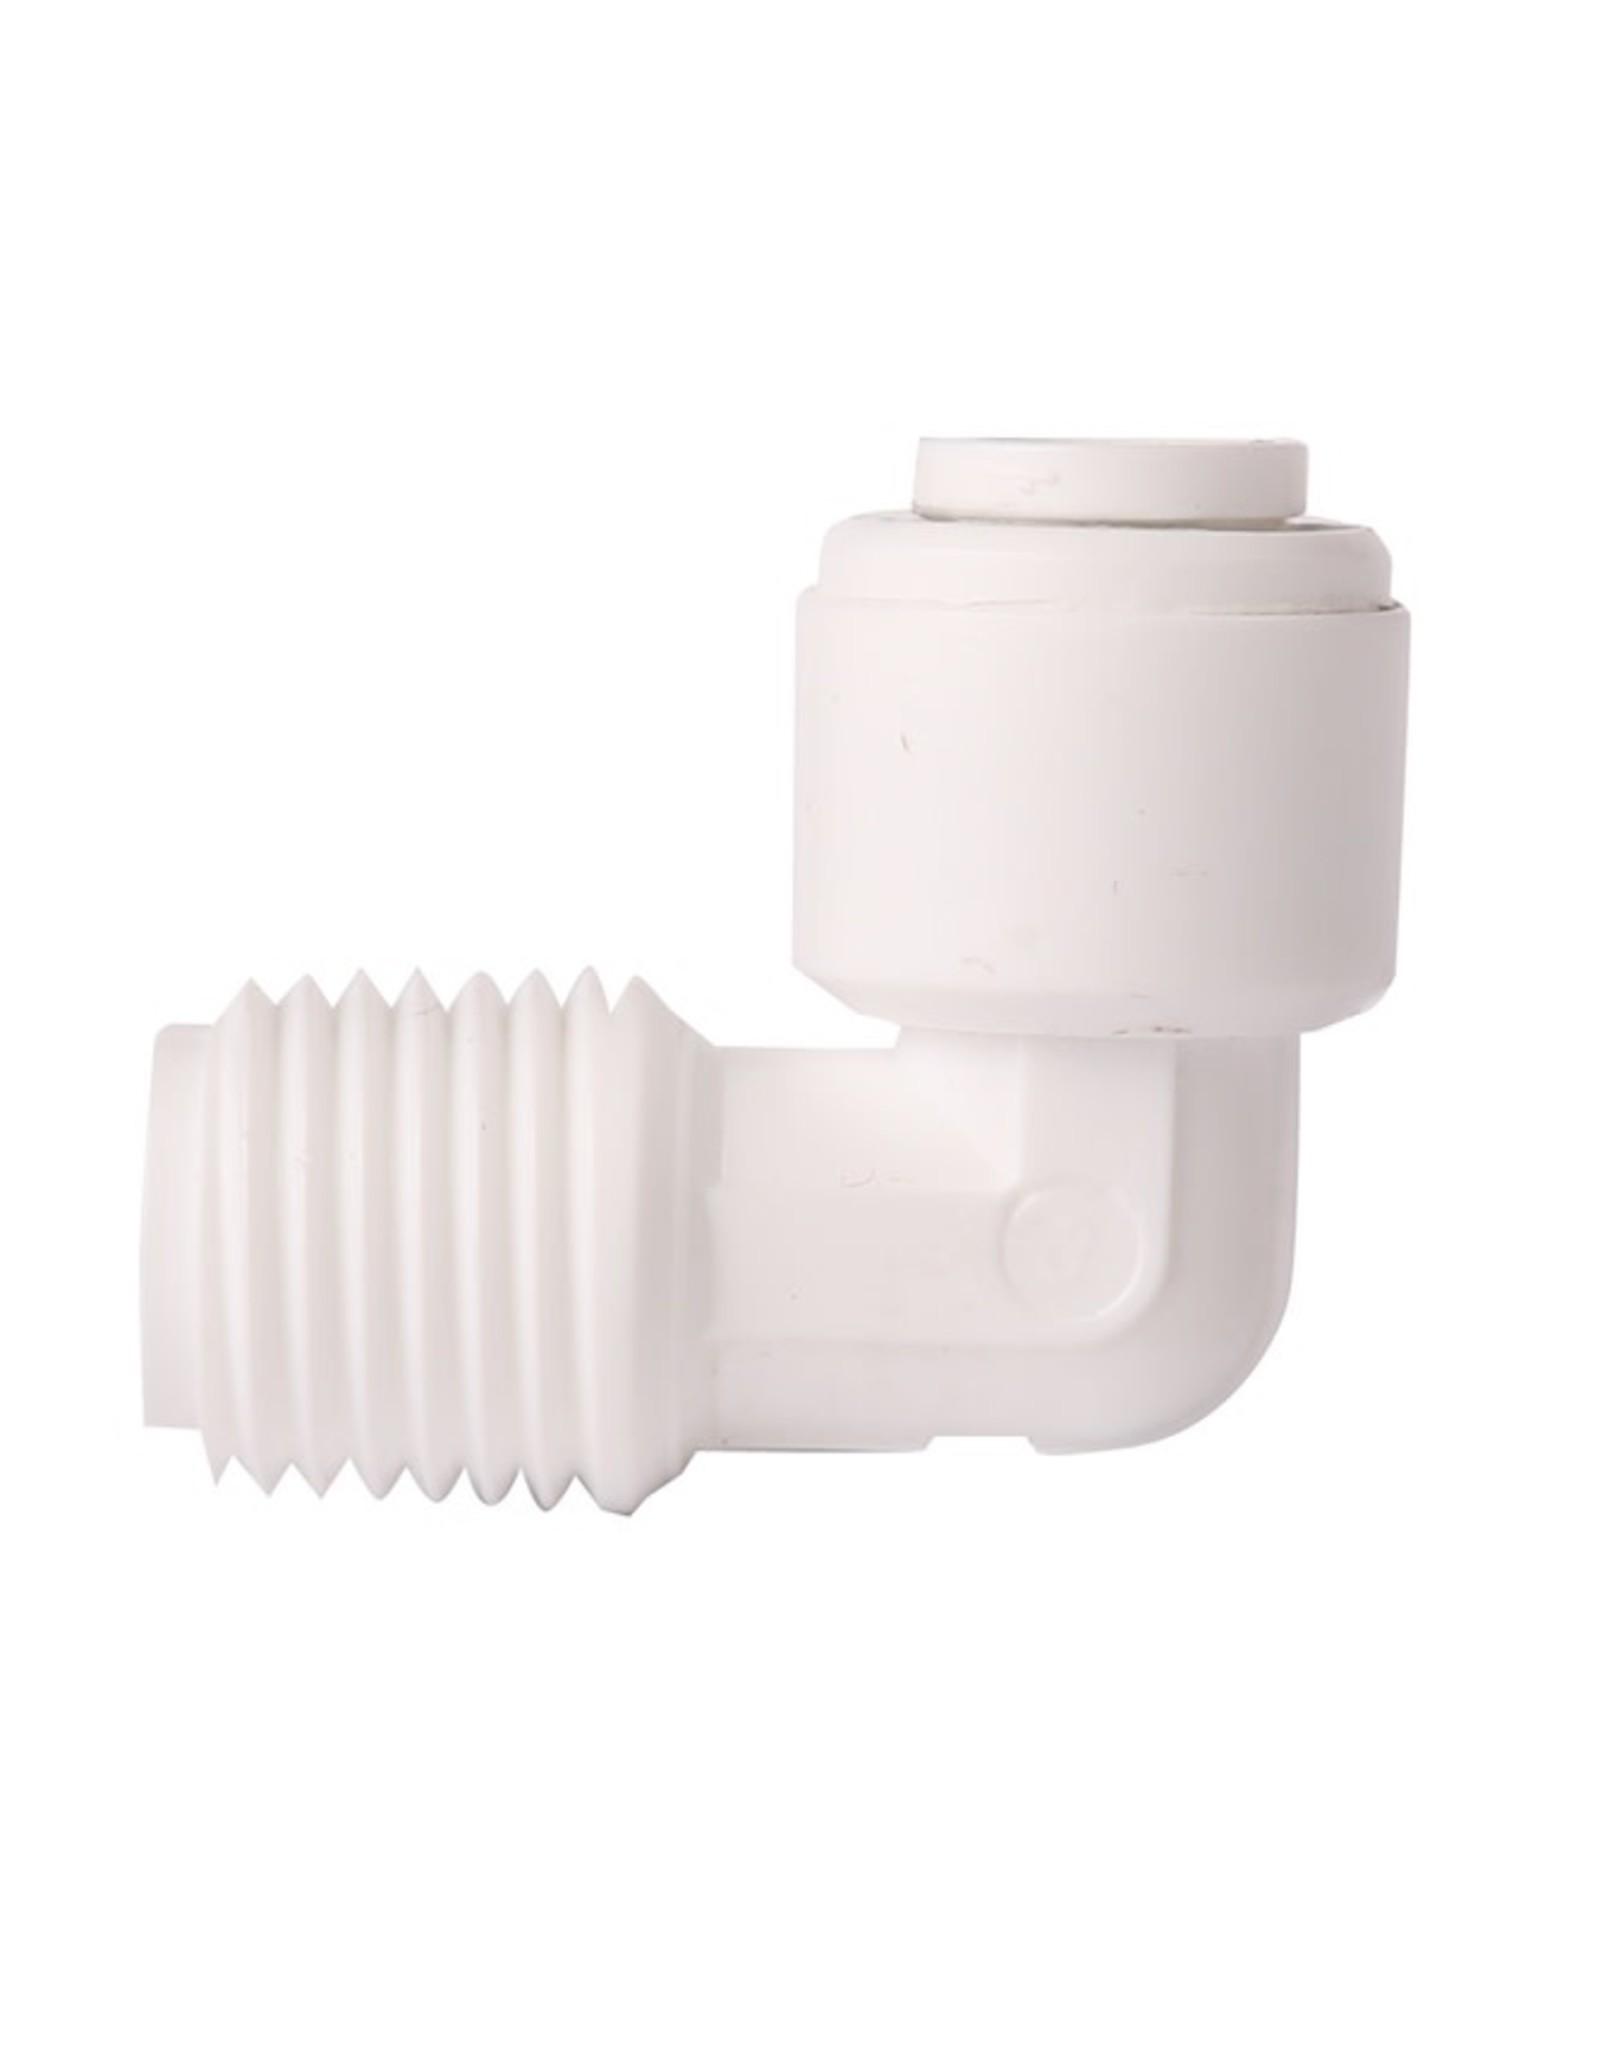 Aqua-Art 1 / 8'x 1/4 'elbow for RO filter pipes